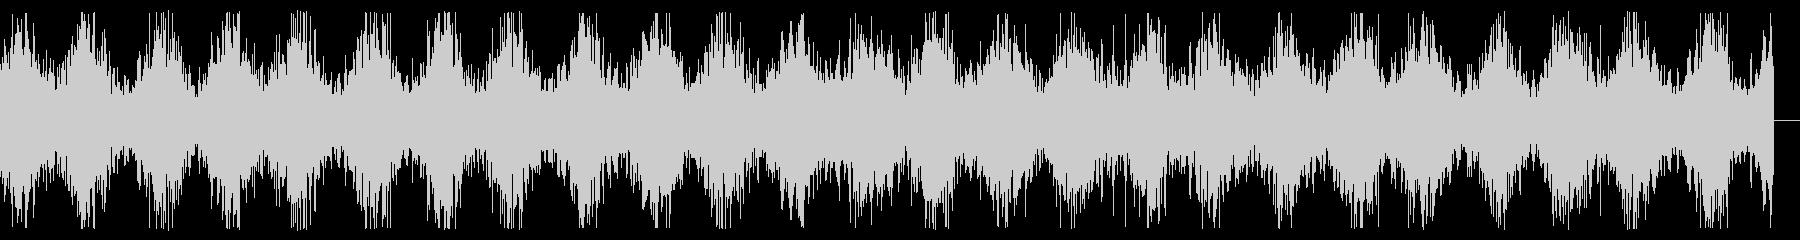 レーザーサーベルが放電しているイメージの未再生の波形